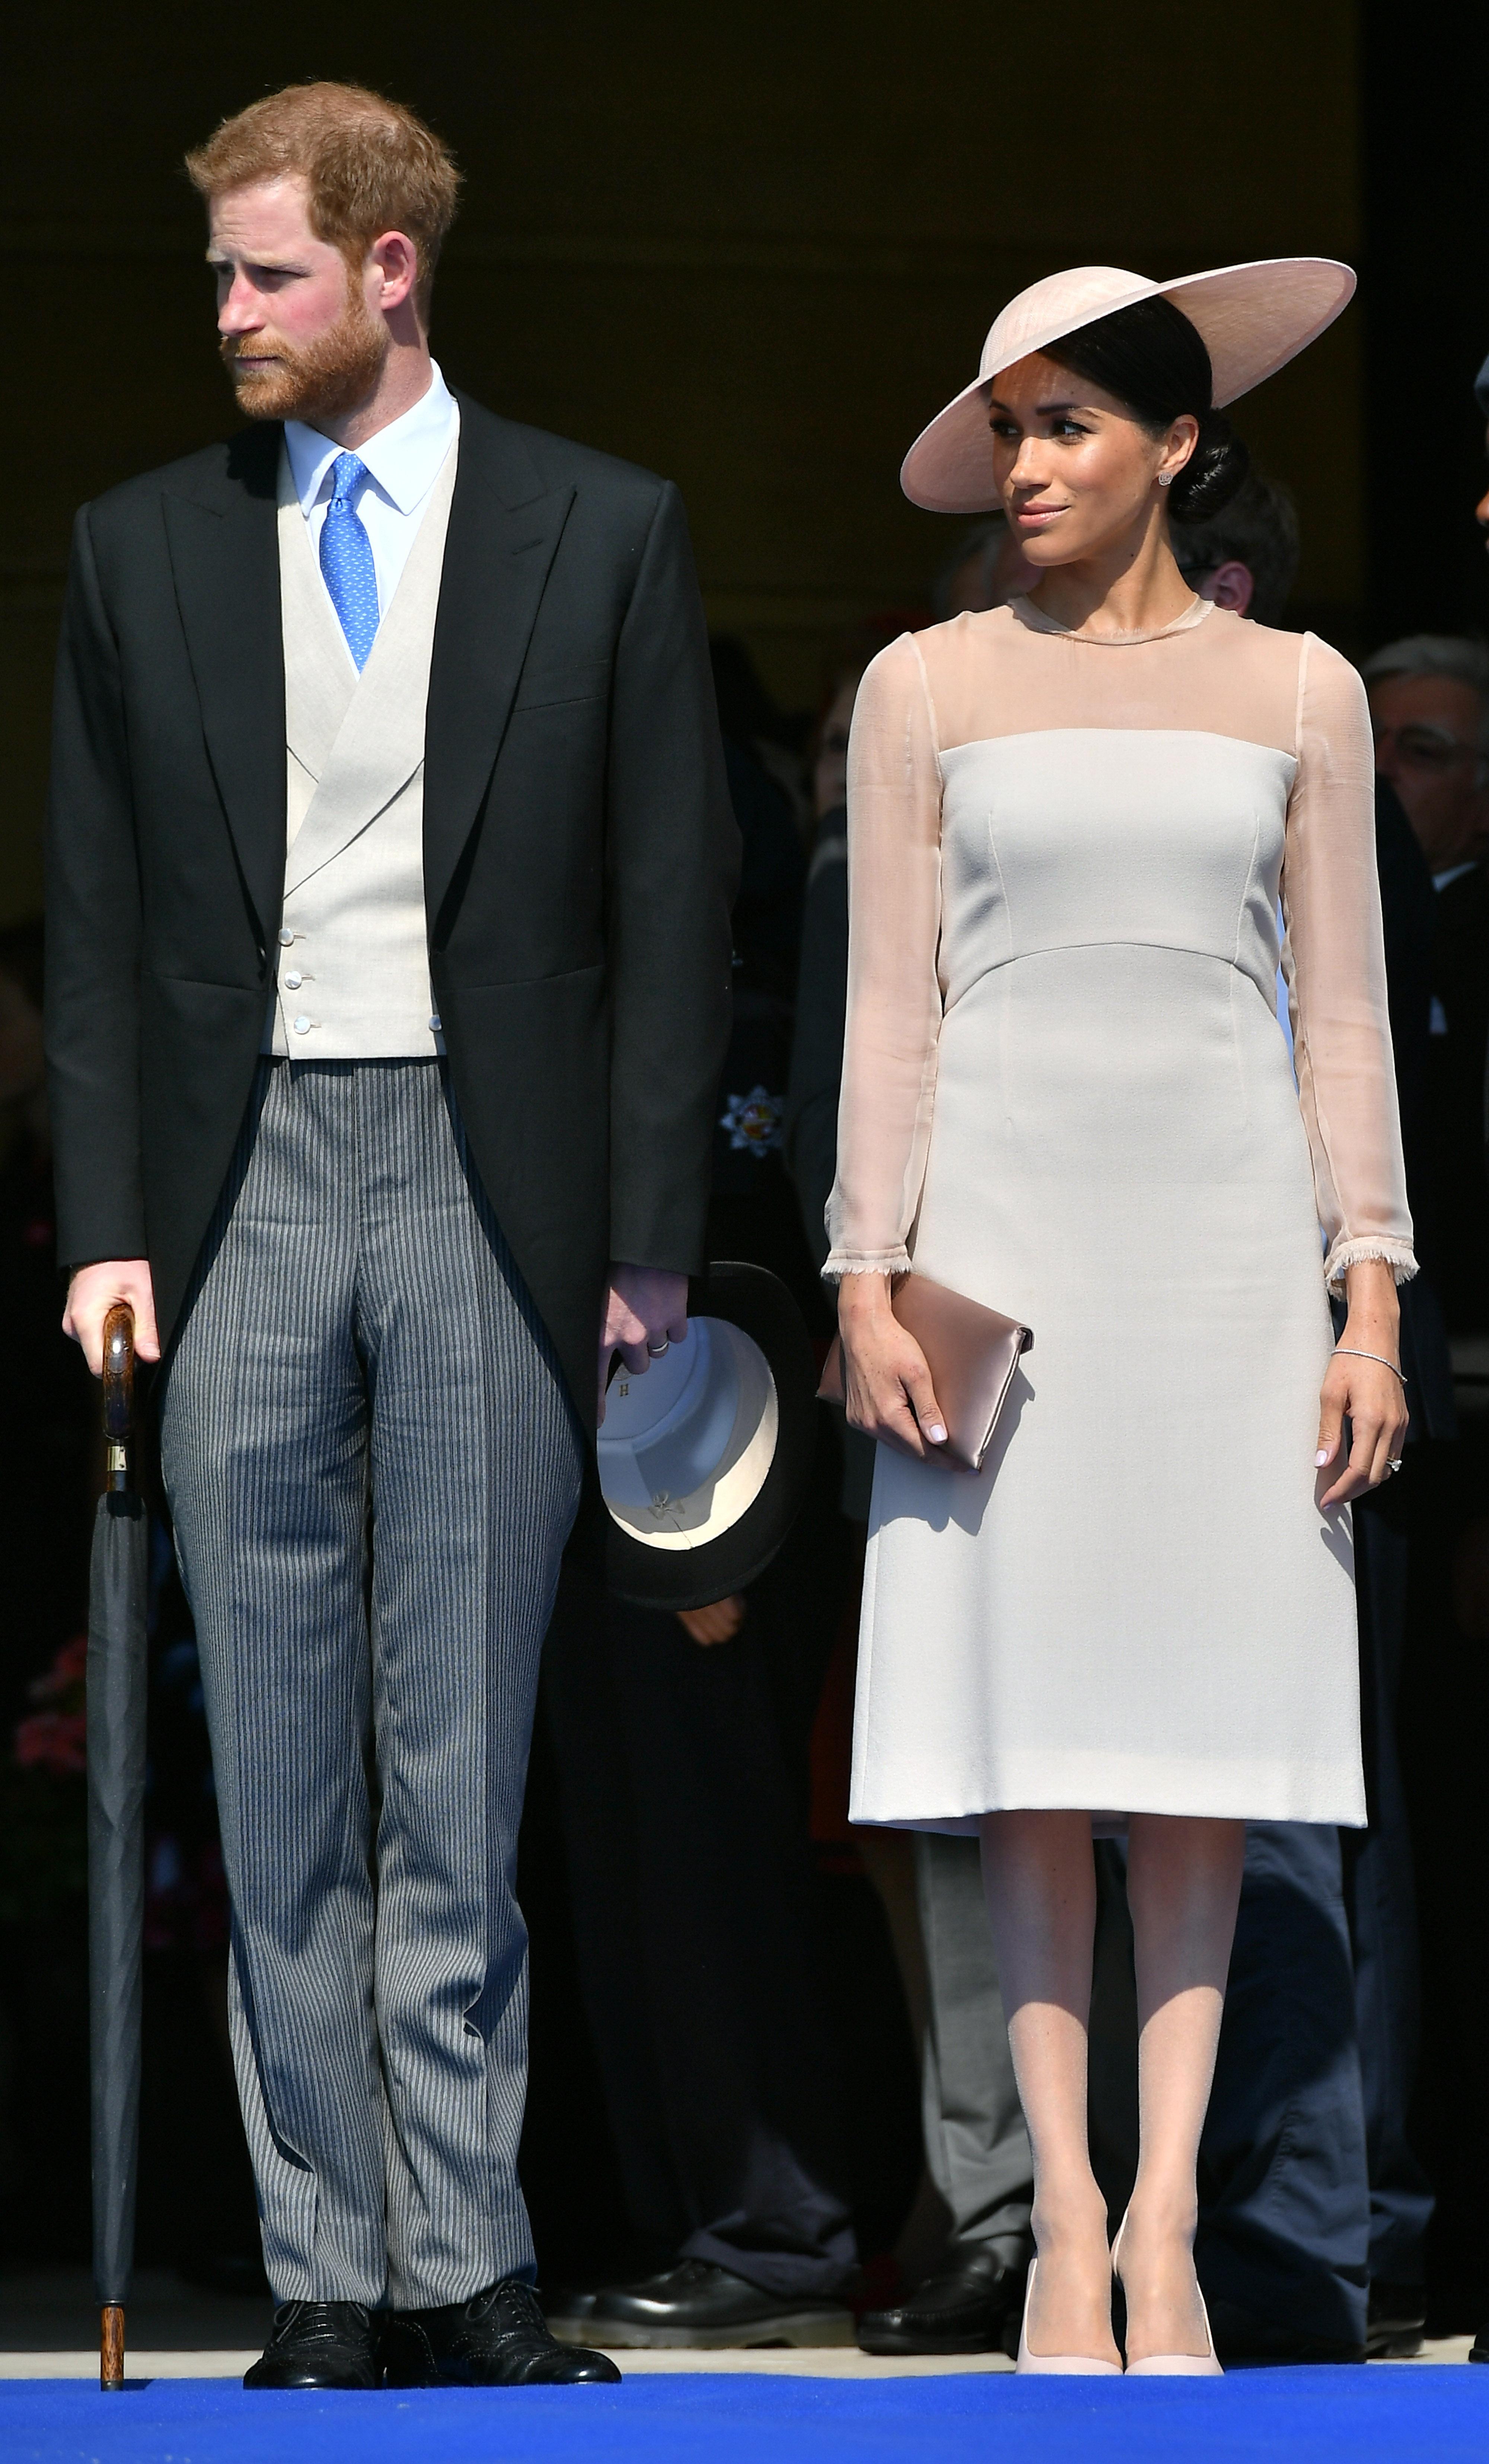 <p>На тържеството по случай 70-ия рожден ден на принц Чарлз, Меган изглеждаше много шик в тази рокля от Goat съчетана със шапка от Philip Tracy.</p>